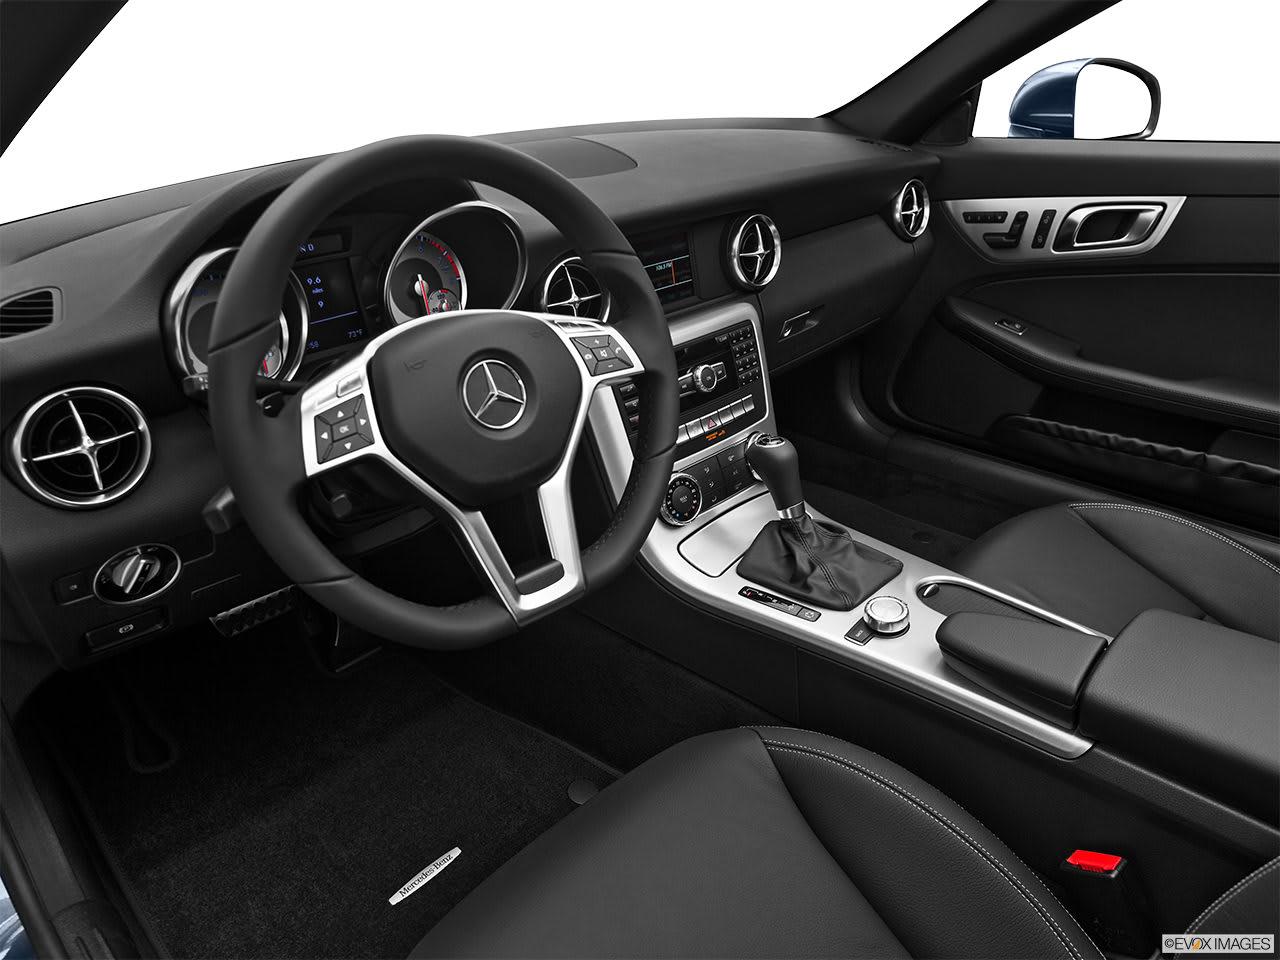 Mercedes-Benz SLK 2012 Interior